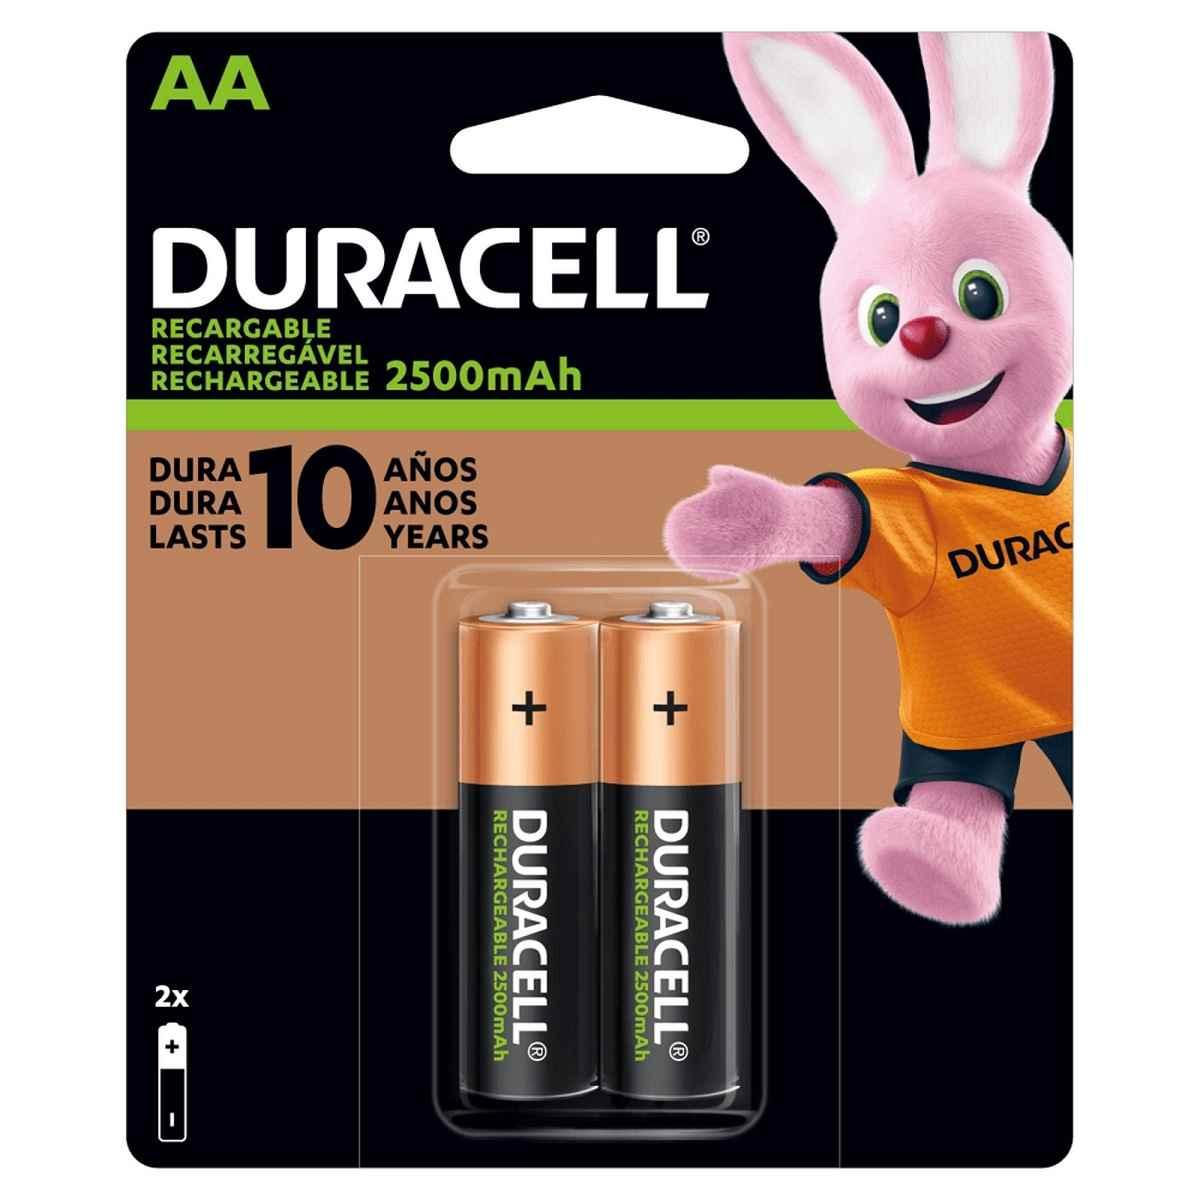 Pilha Recarregável AA 2500-mAh Cartela c/2 pilhas Duracell